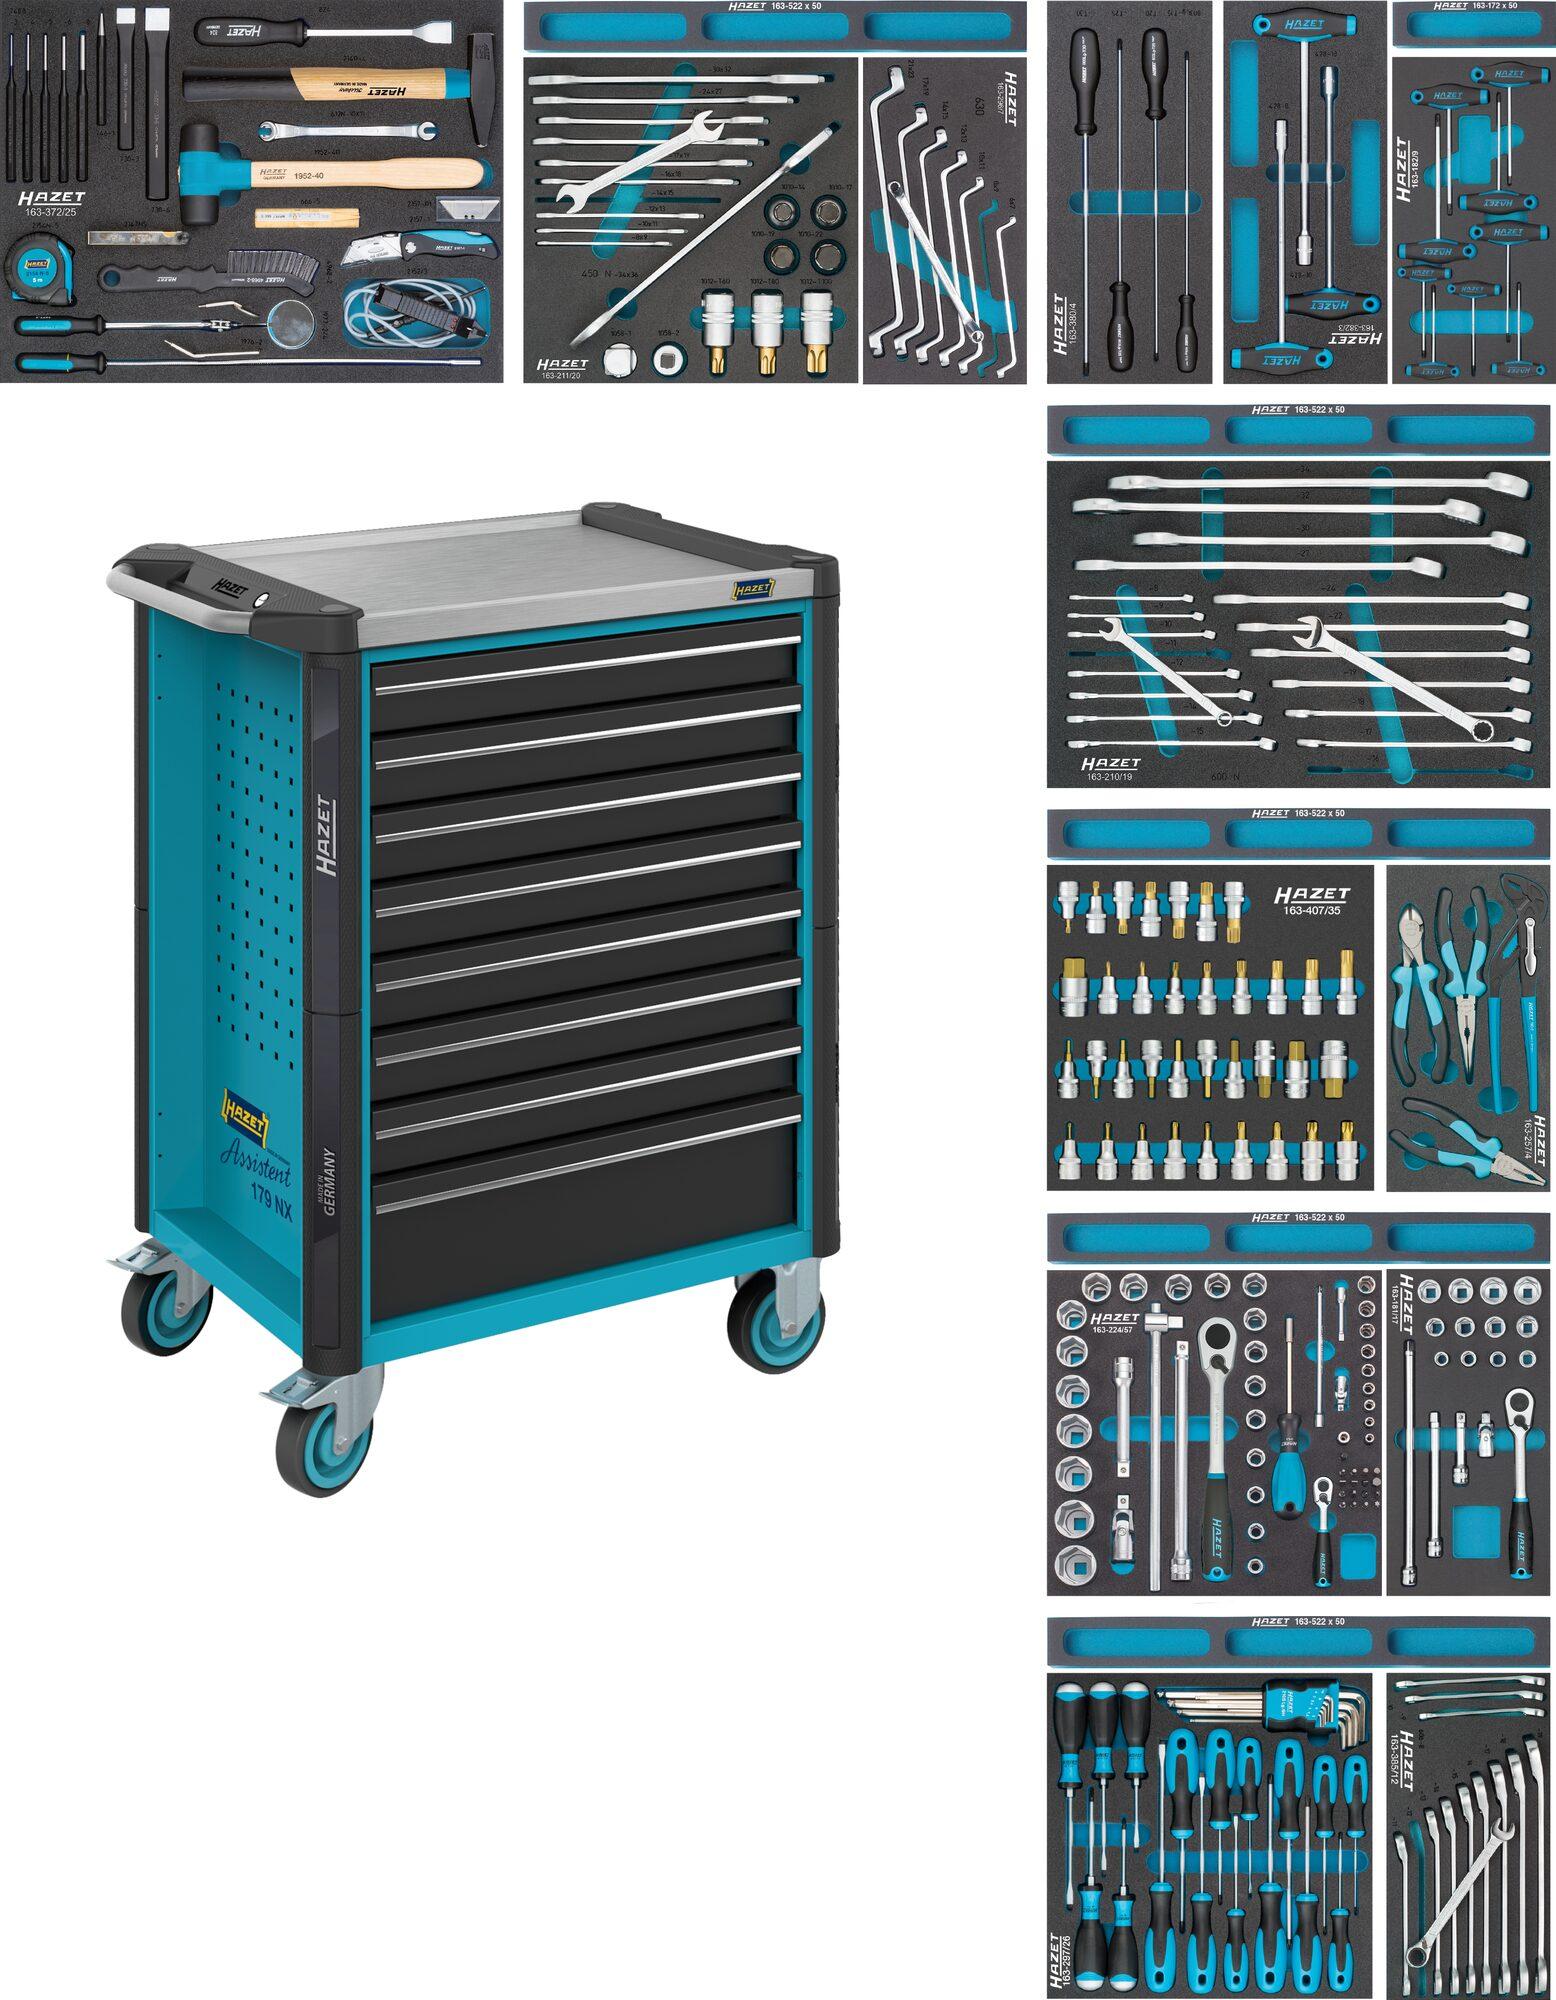 HAZET Werkstattwagen Assistent 179NX-8/244 ∙ Schubladen, flach: 8x 81x522x398 mm ∙ Anzahl Werkzeuge: 244